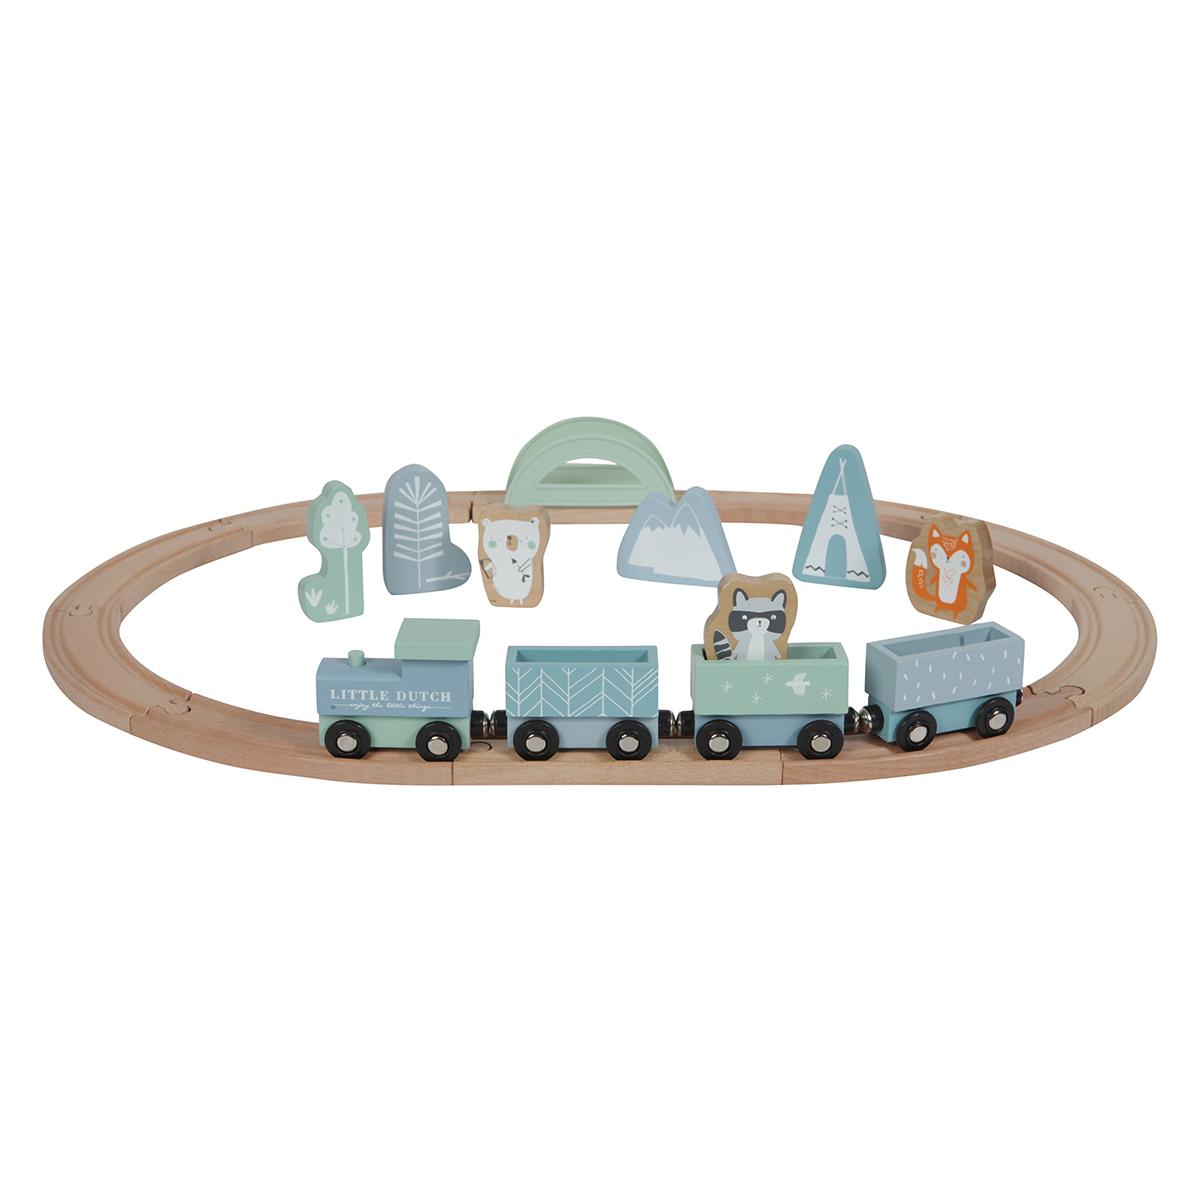 Mes premiers jouets Circuit Train en Bois - Bleu Circuit Train en Bois - Bleu